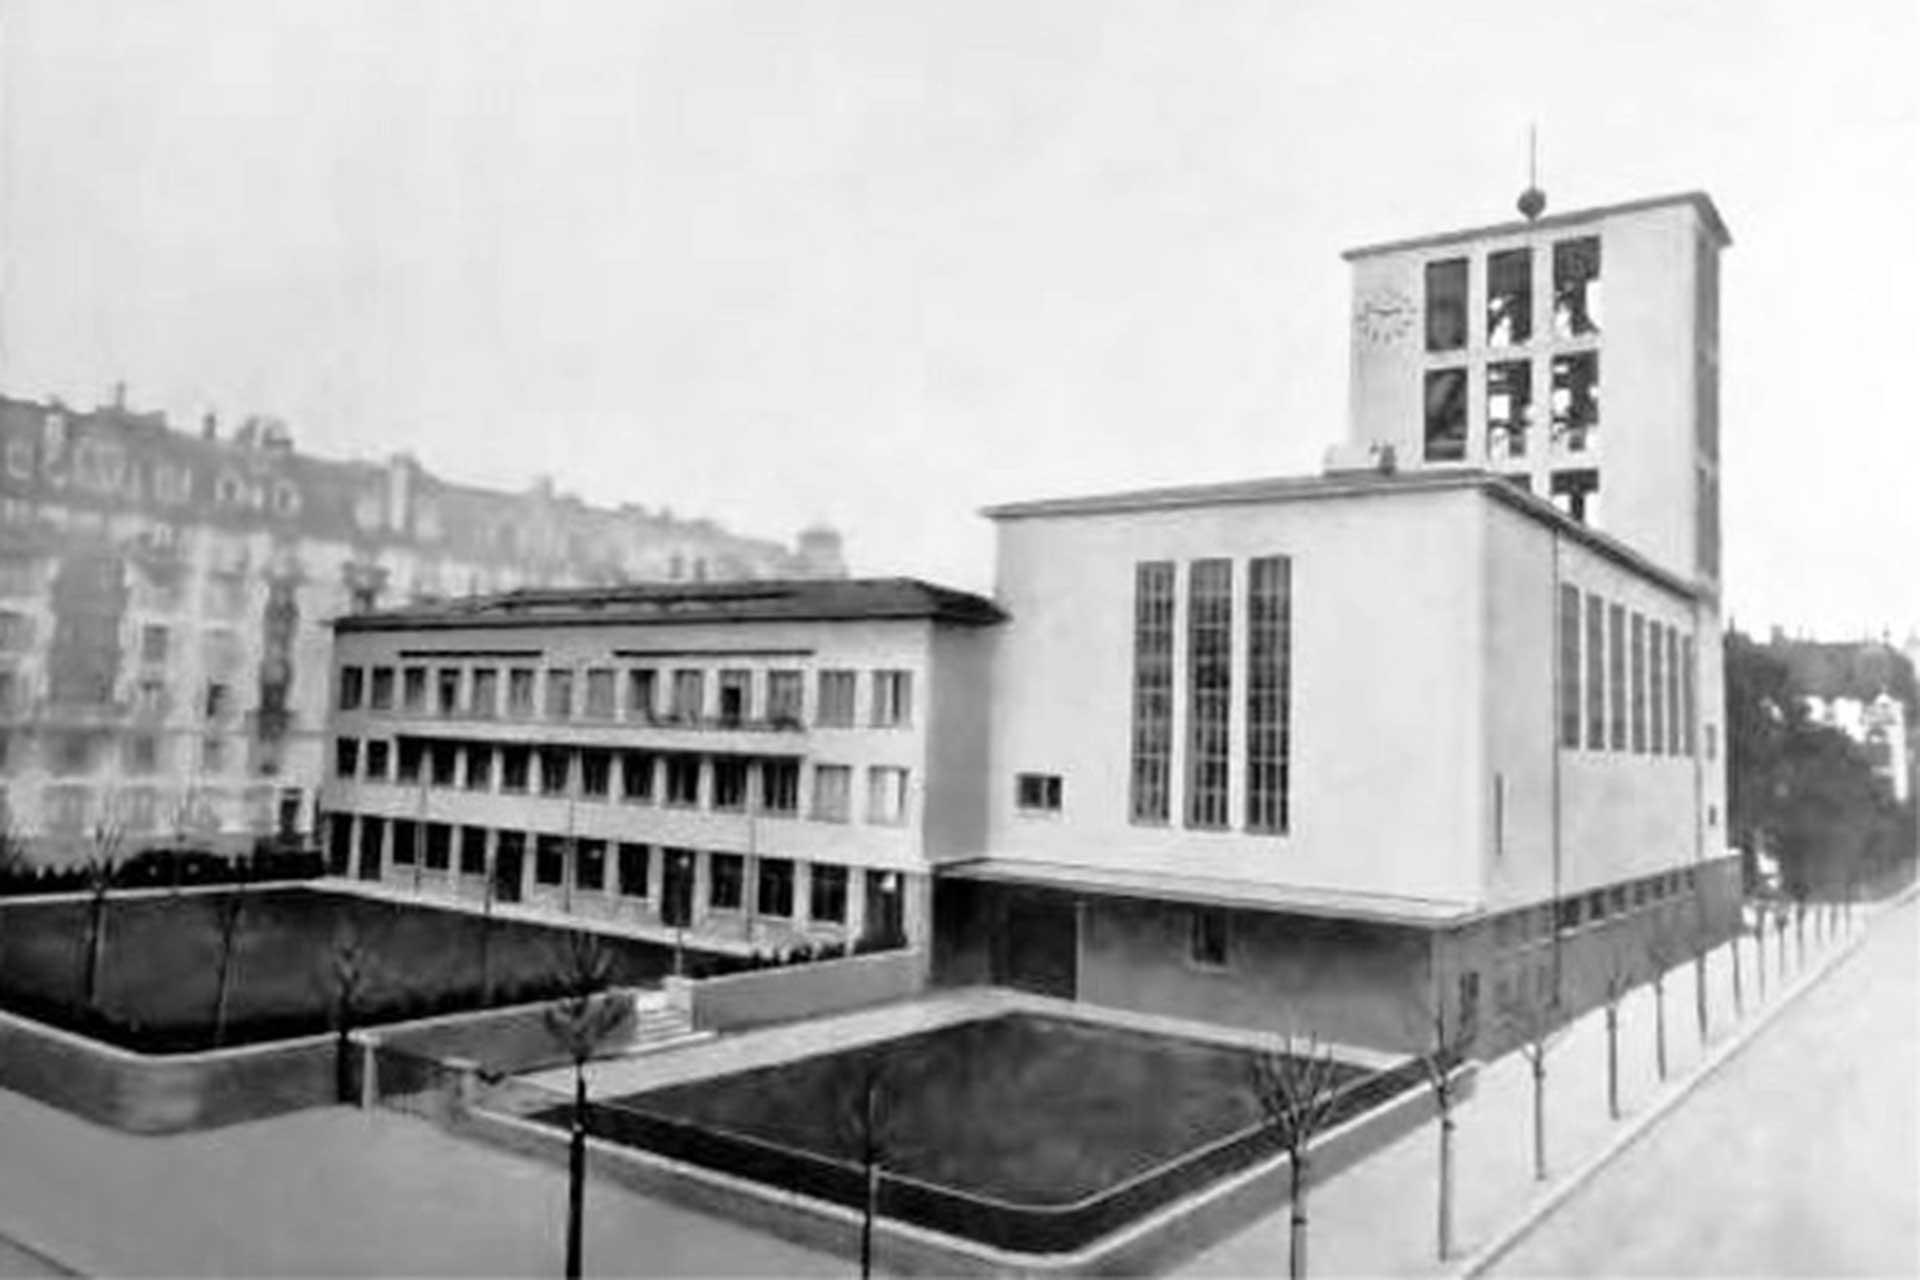 1504-LULU-Lukaskirche-Luzern-ASP-Web-Aktuell